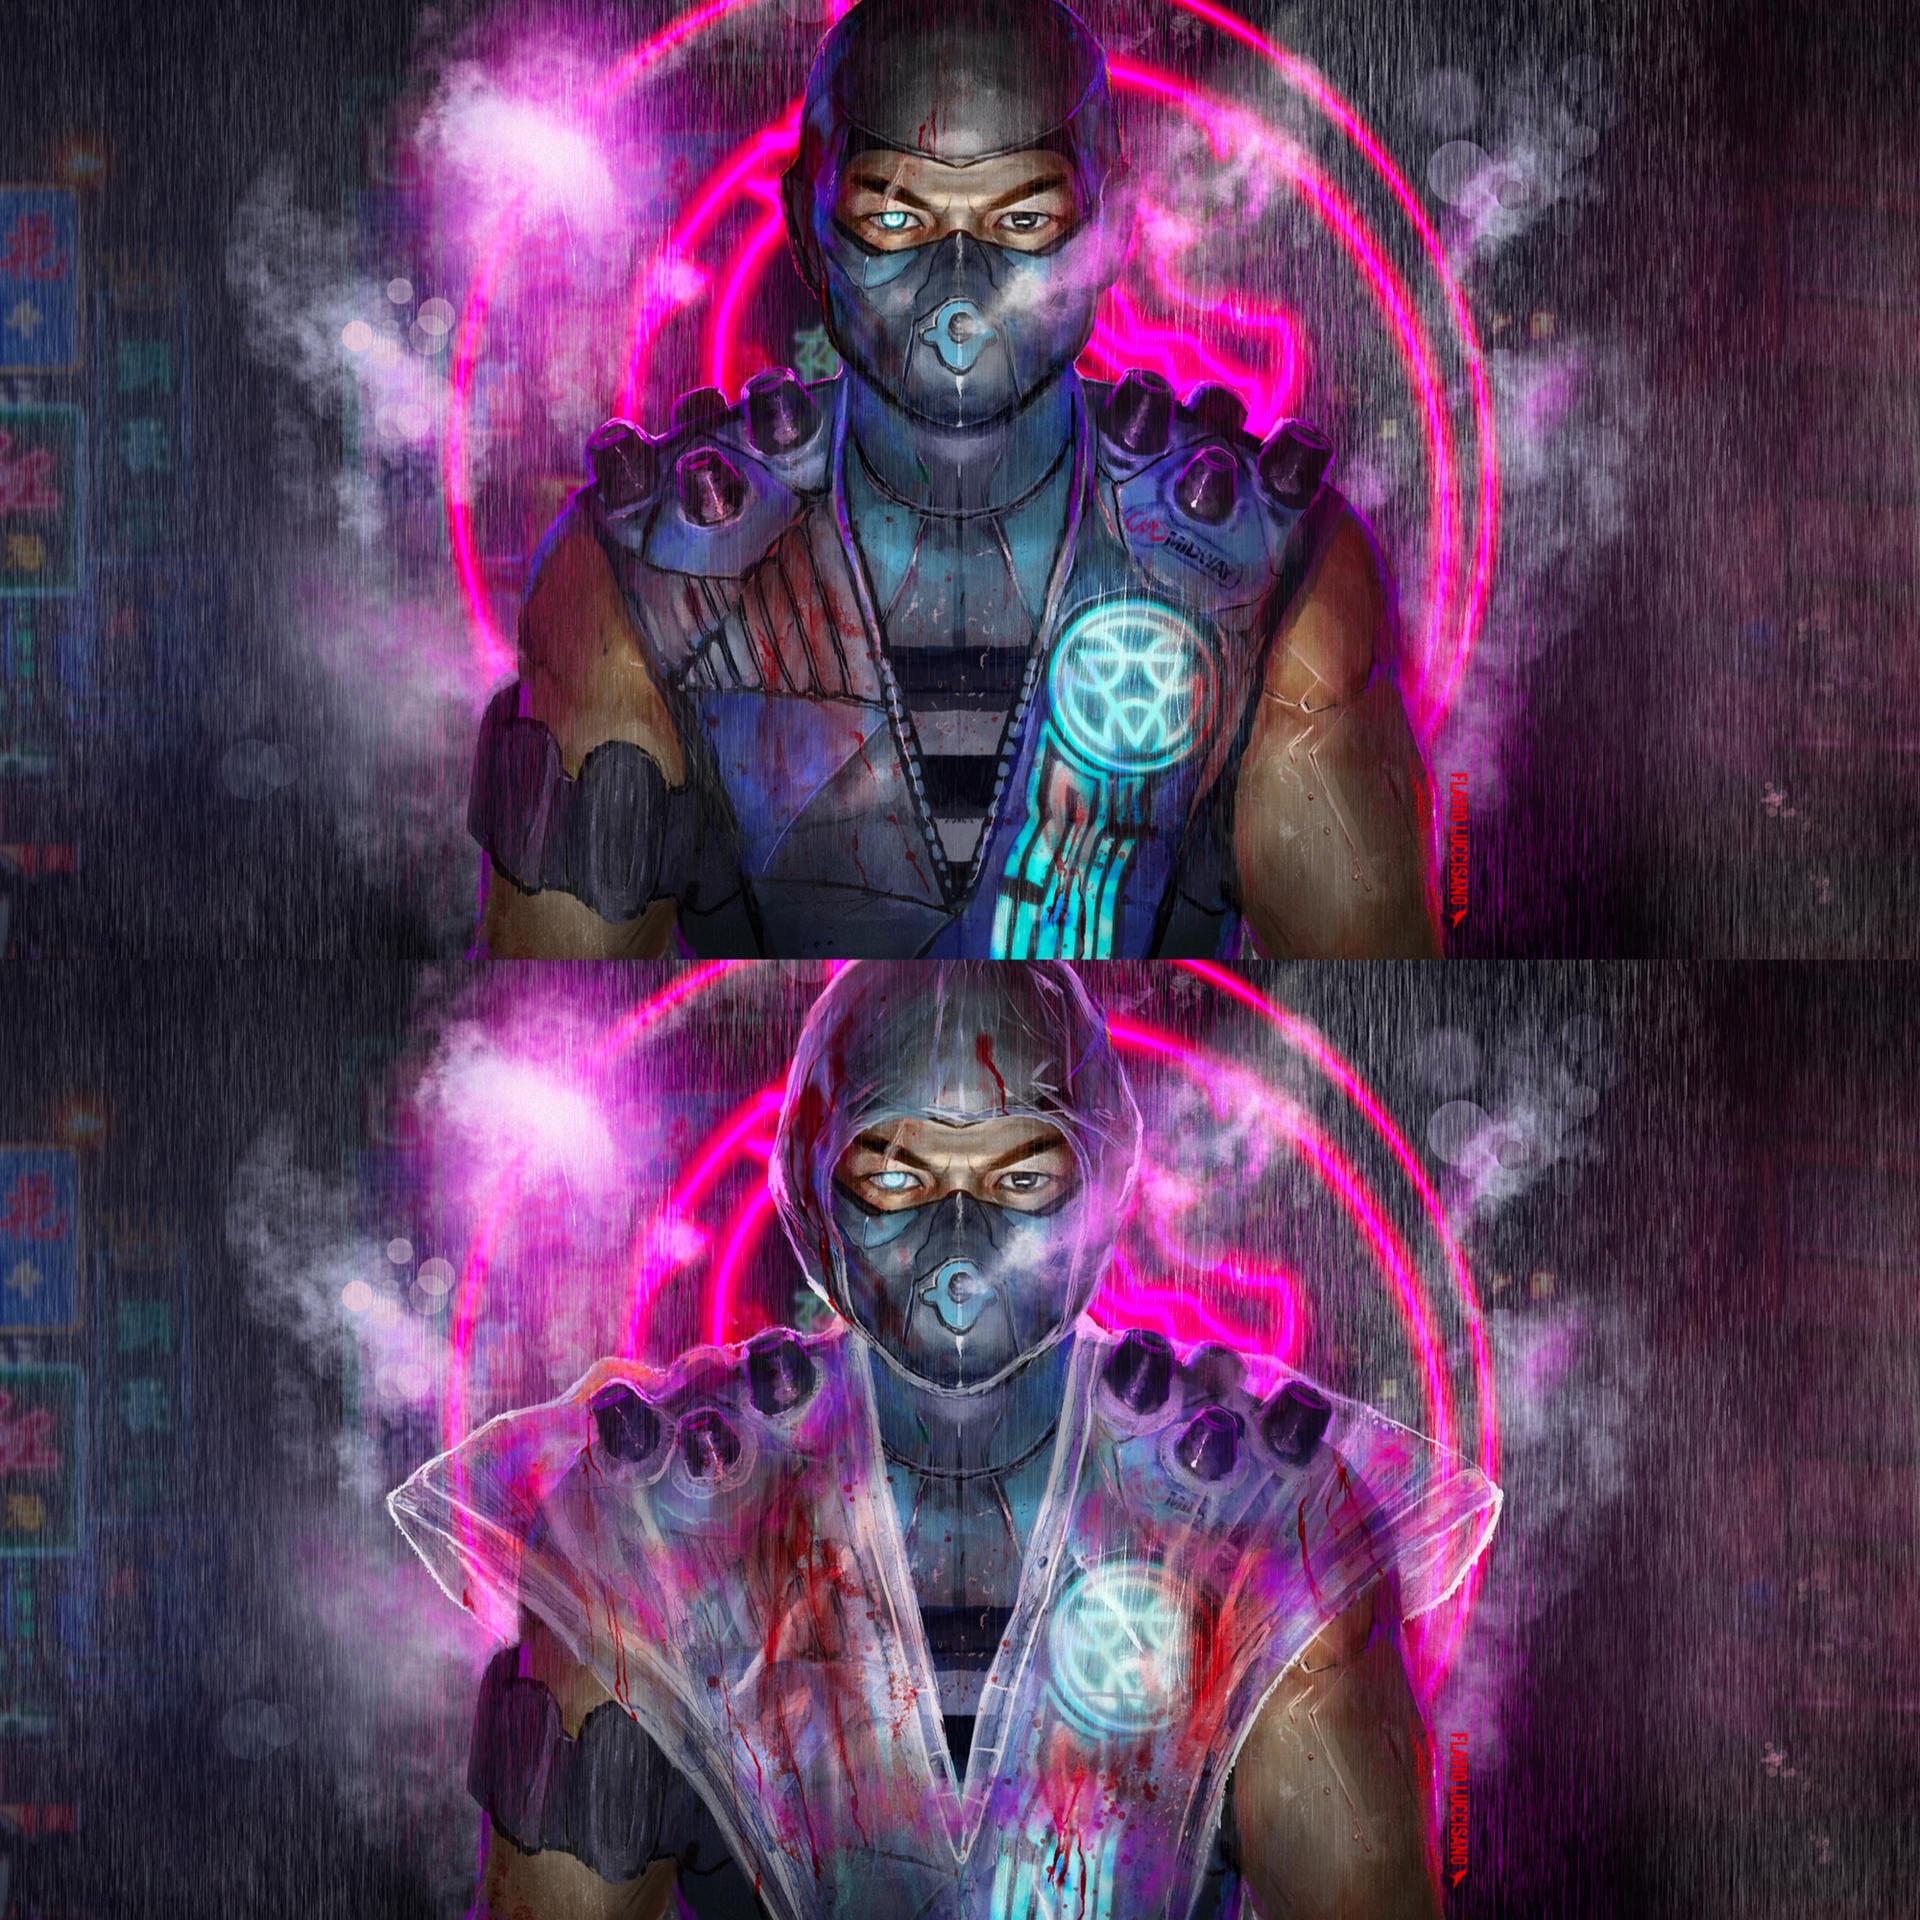 Sub Zero (cyberpunk concept)